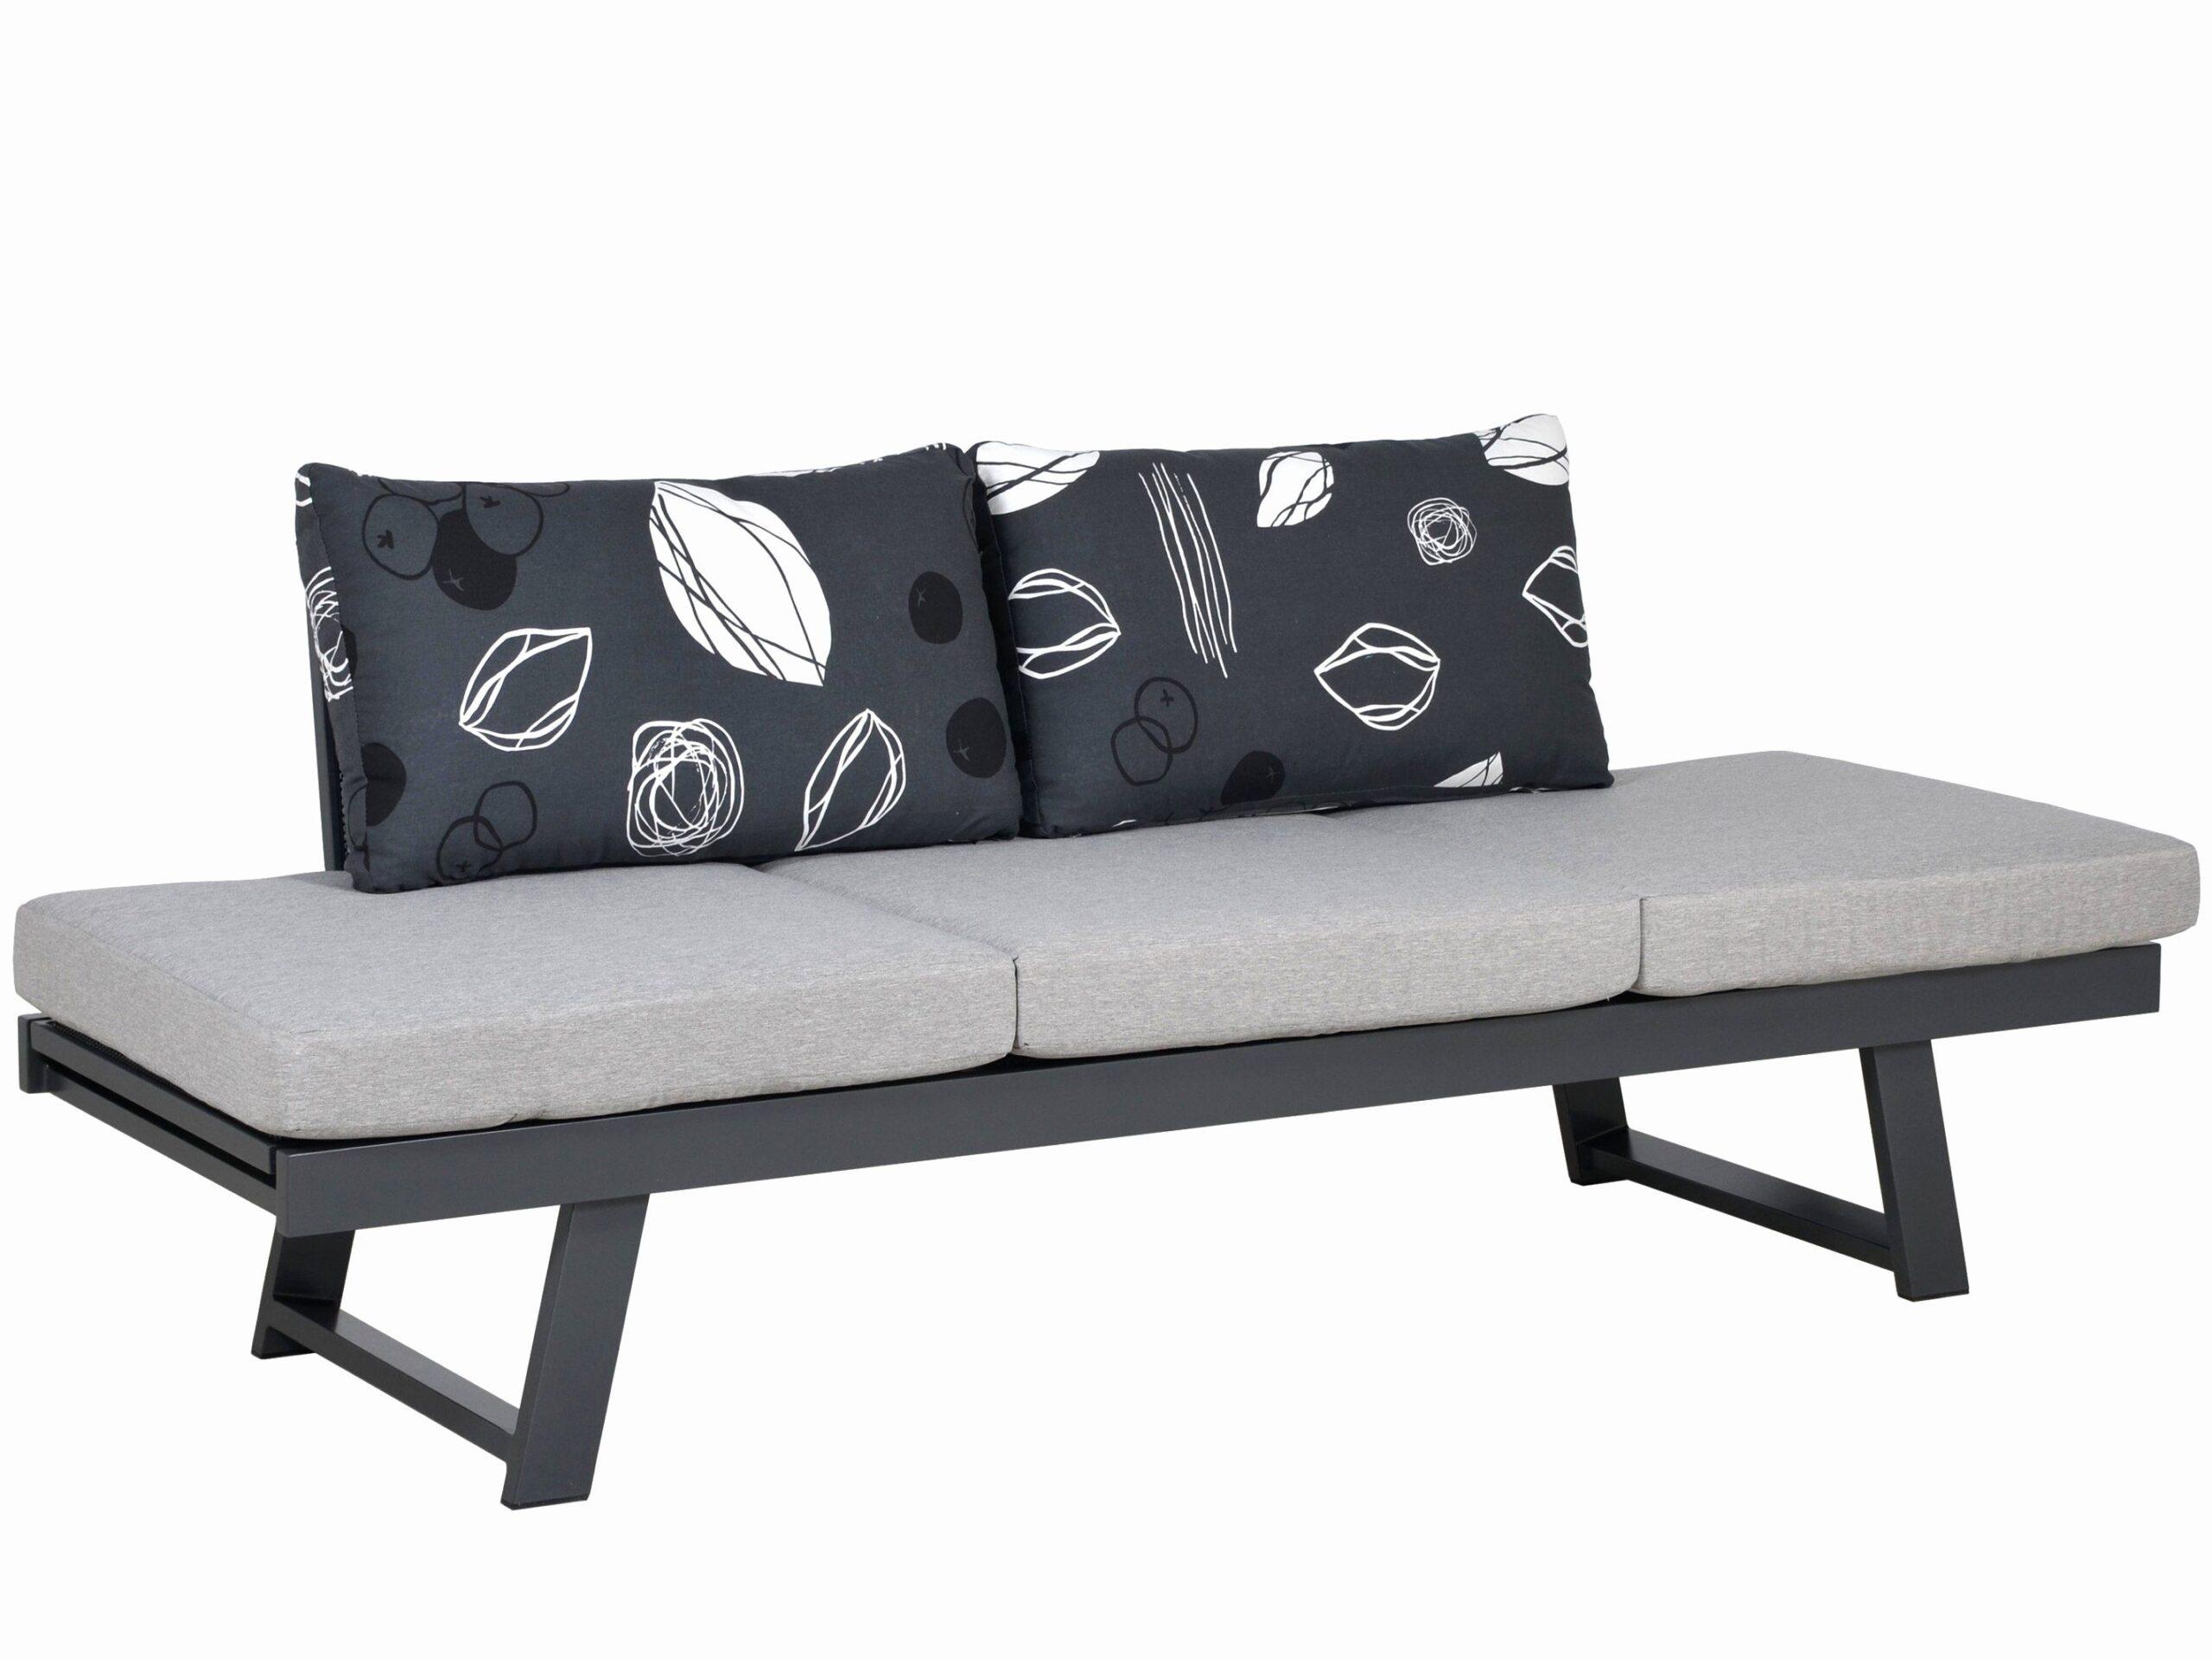 Full Size of Ikea Sofa Mit Schlaffunktion Ecksofa Couch Bettfunktion Ektorp L 2er Gebraucht Grau 3 Sitzer 24 Elegante Chaise Lounge Design Muuto Bett Rutsche Badezimmer Sofa Ikea Sofa Mit Schlaffunktion